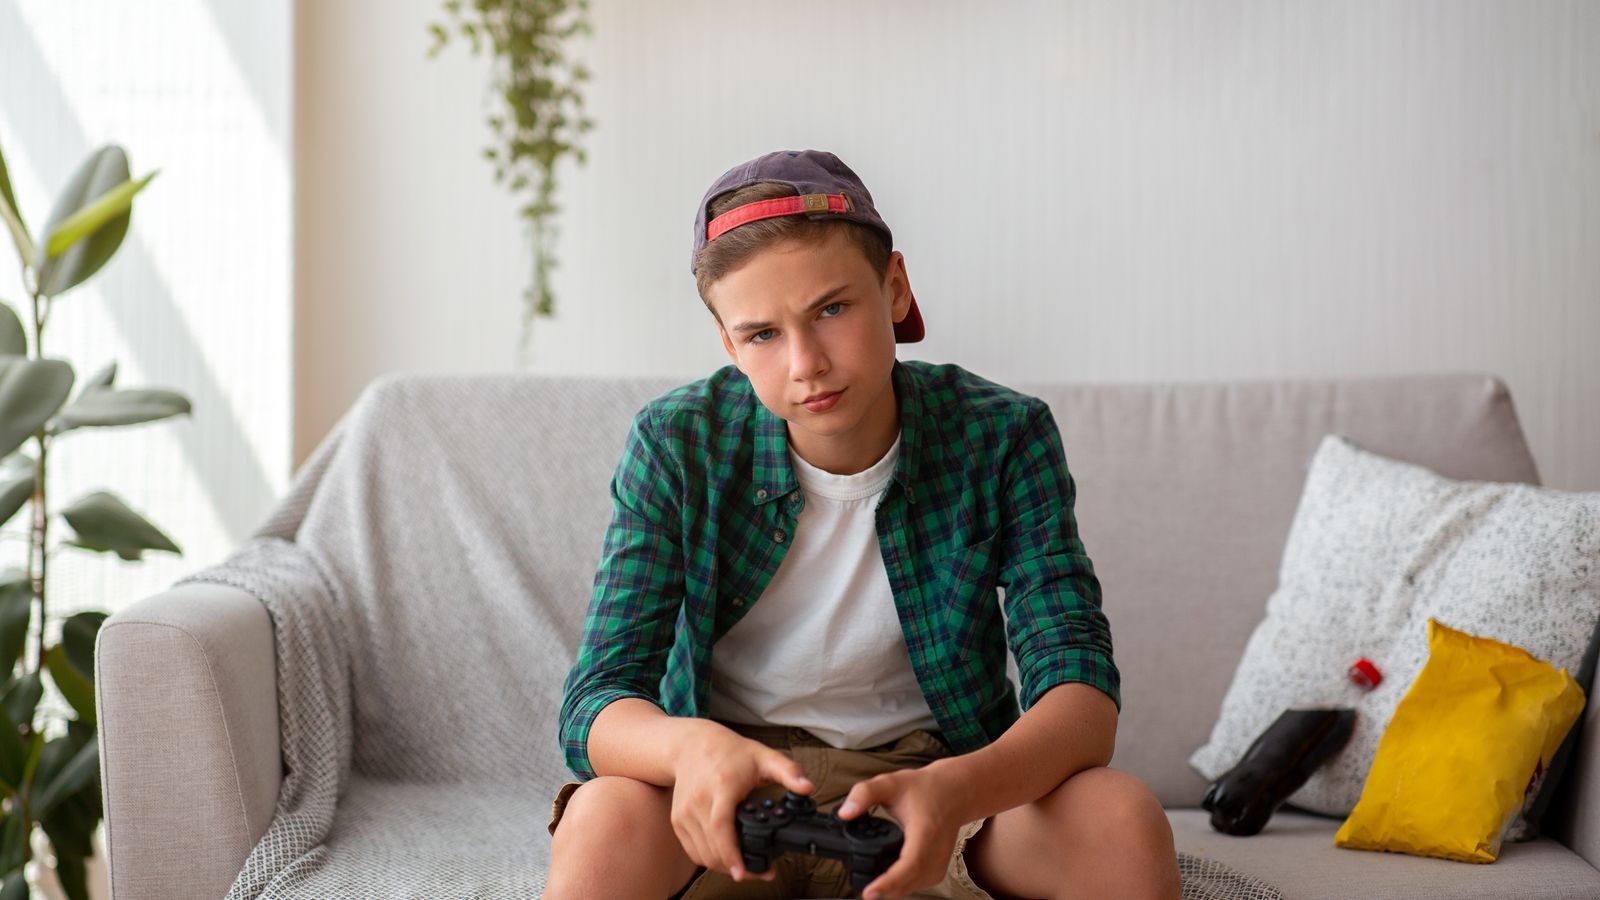 Per entendre l'actitud de molts adolescentscal mirar de descobrir els seus arguments, les lògiques vitals i escoltar-los.